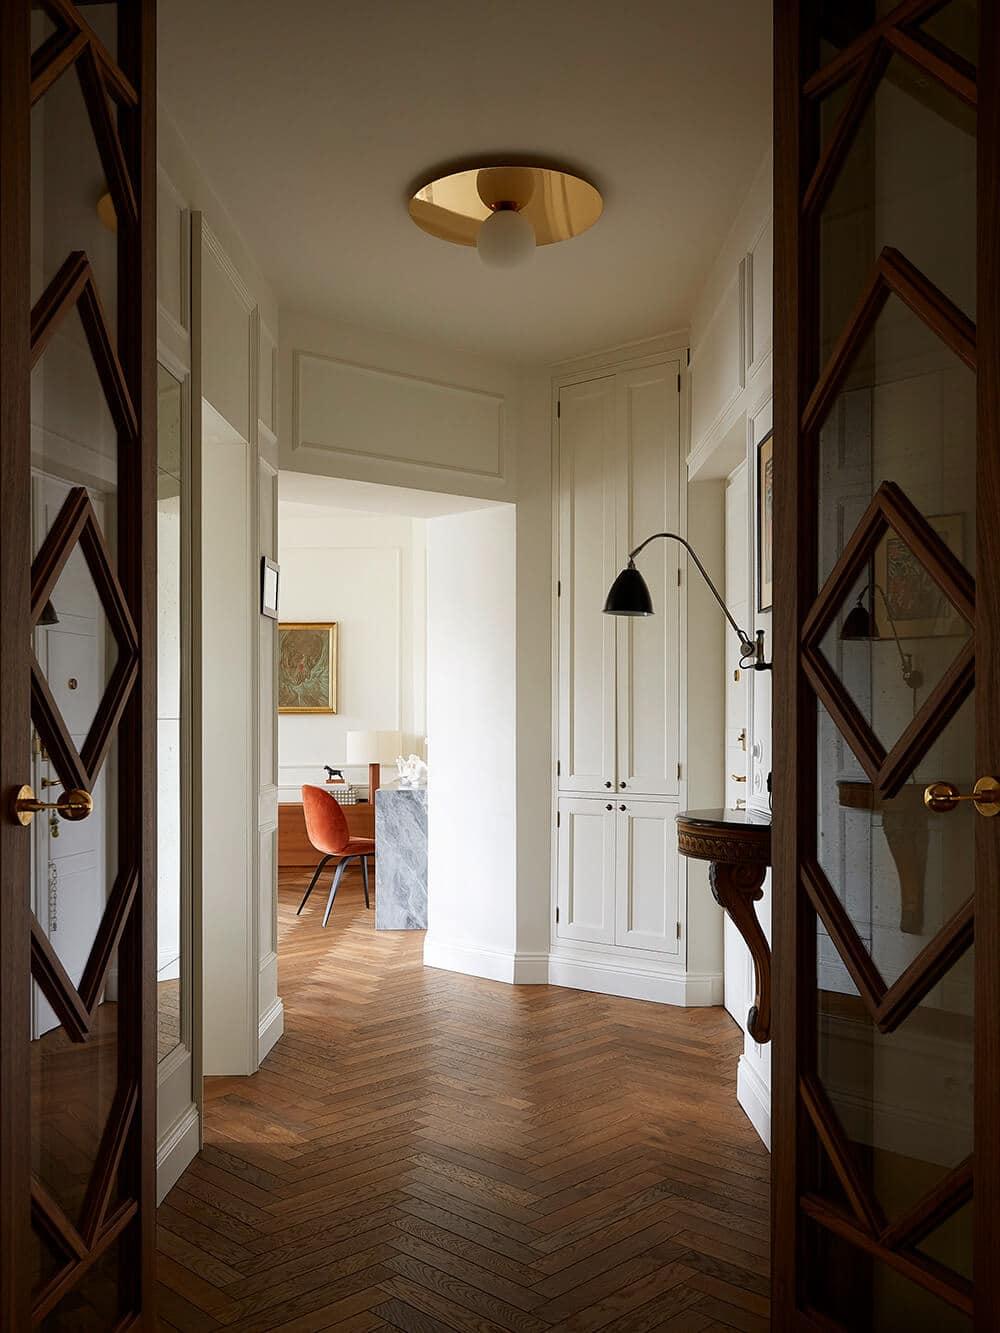 Rozkochać się wretro: przestronny apartament wprzedwojennej kamienicy